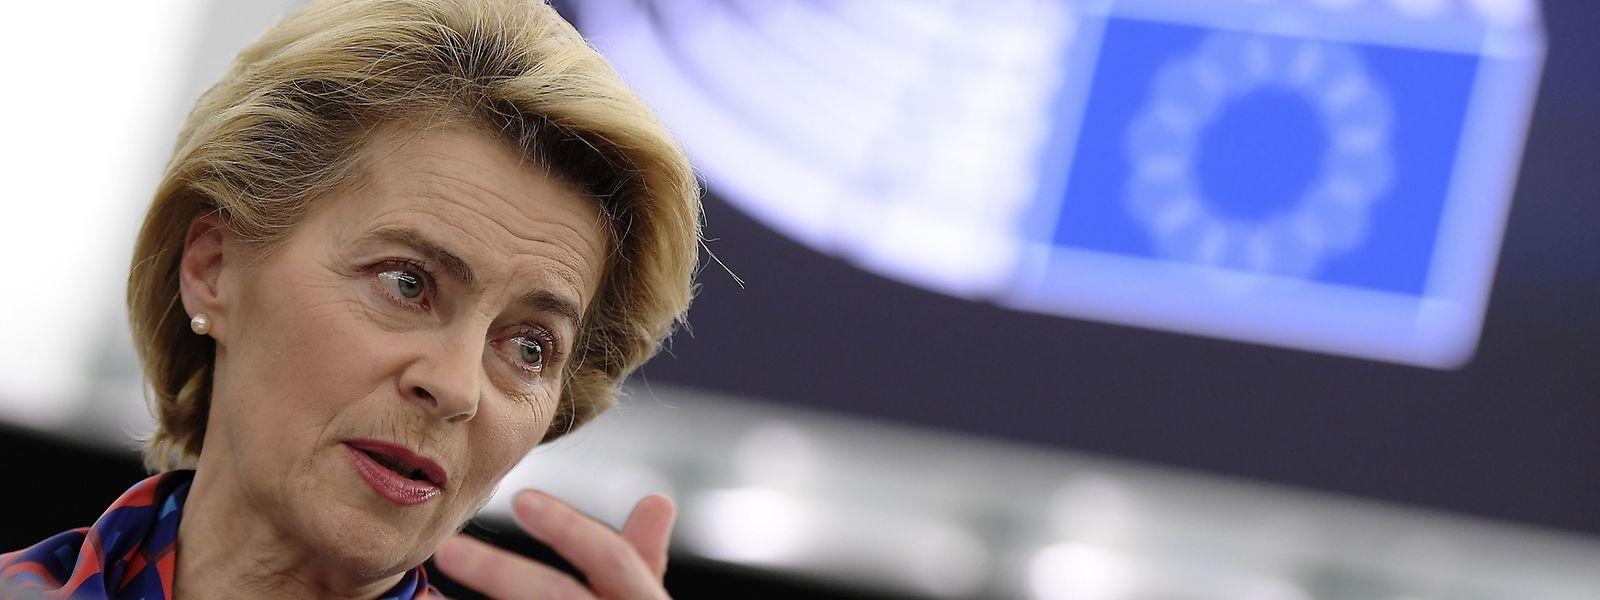 Le plan initié par Ursula von der Leyen a reçu le feu vert des députés européens mais ces derniers souhaitent aller plus loin.